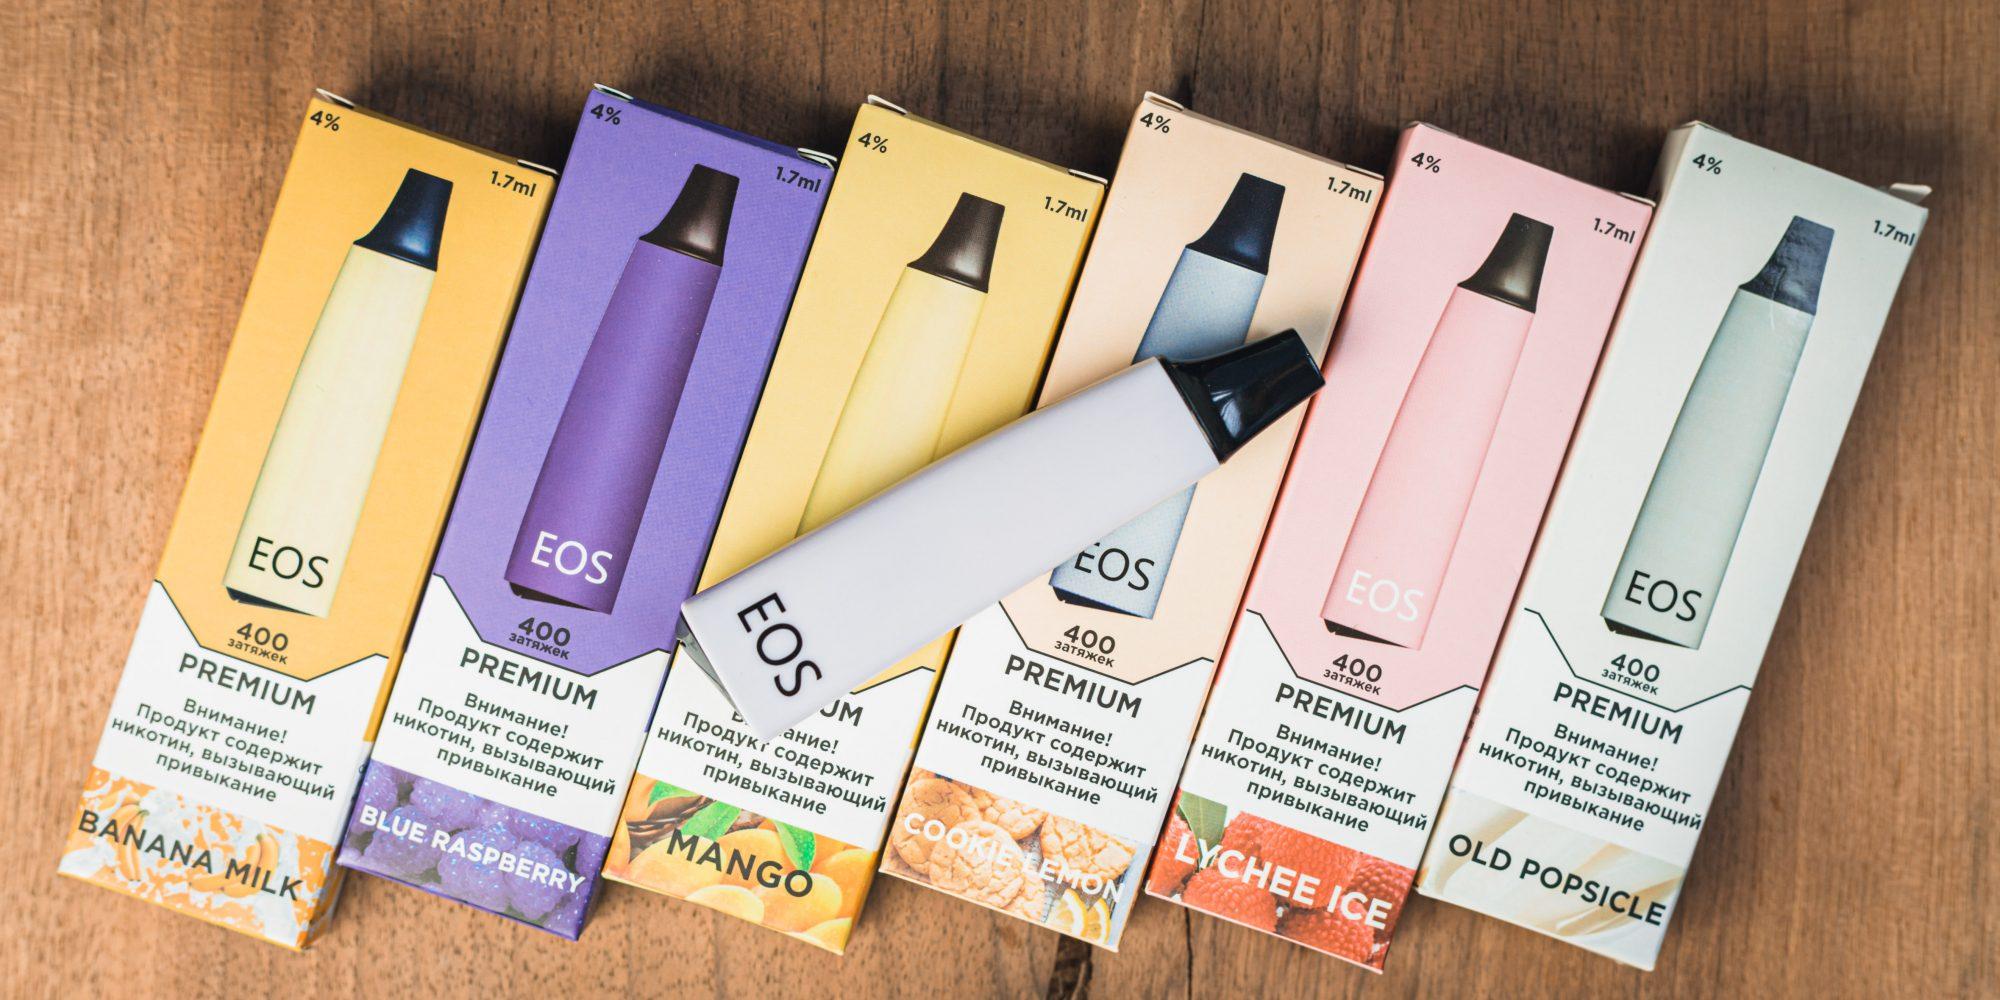 eos электронная сигарета одноразовая вкусы